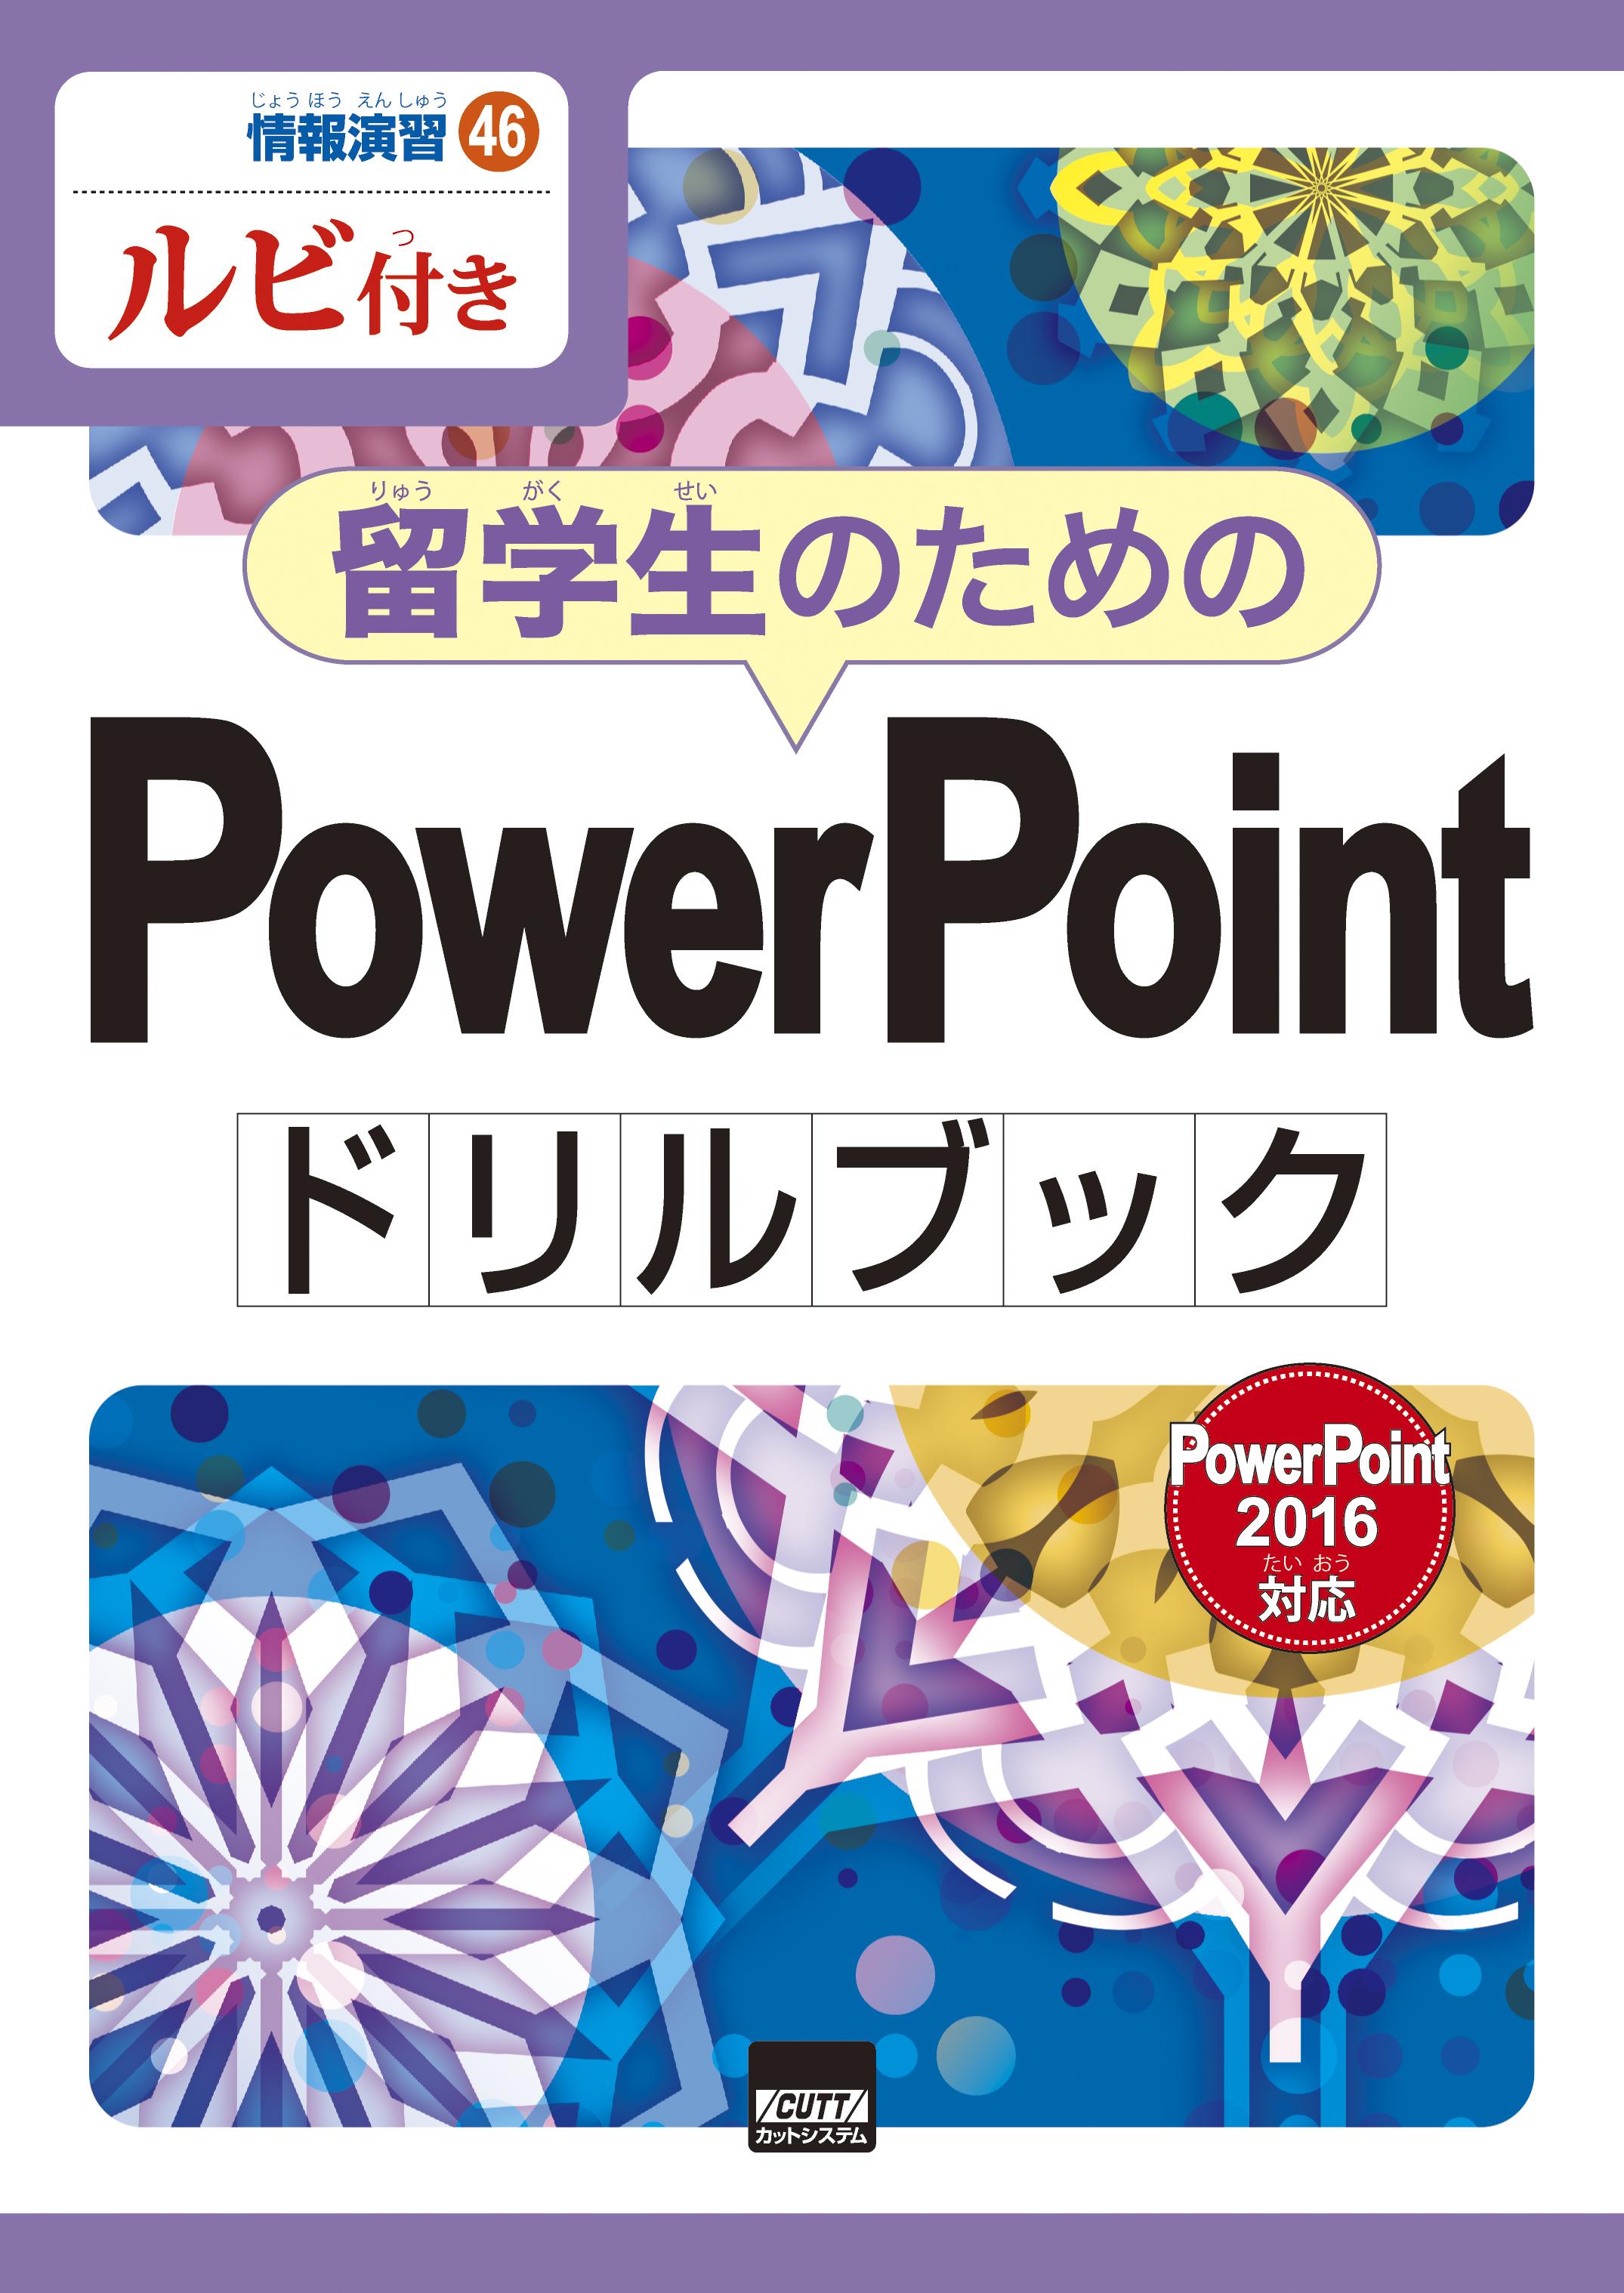 情報演習㊻留学生のためのPowerPointドリルブック PowerPoint2016対応 ルビ付き 画像